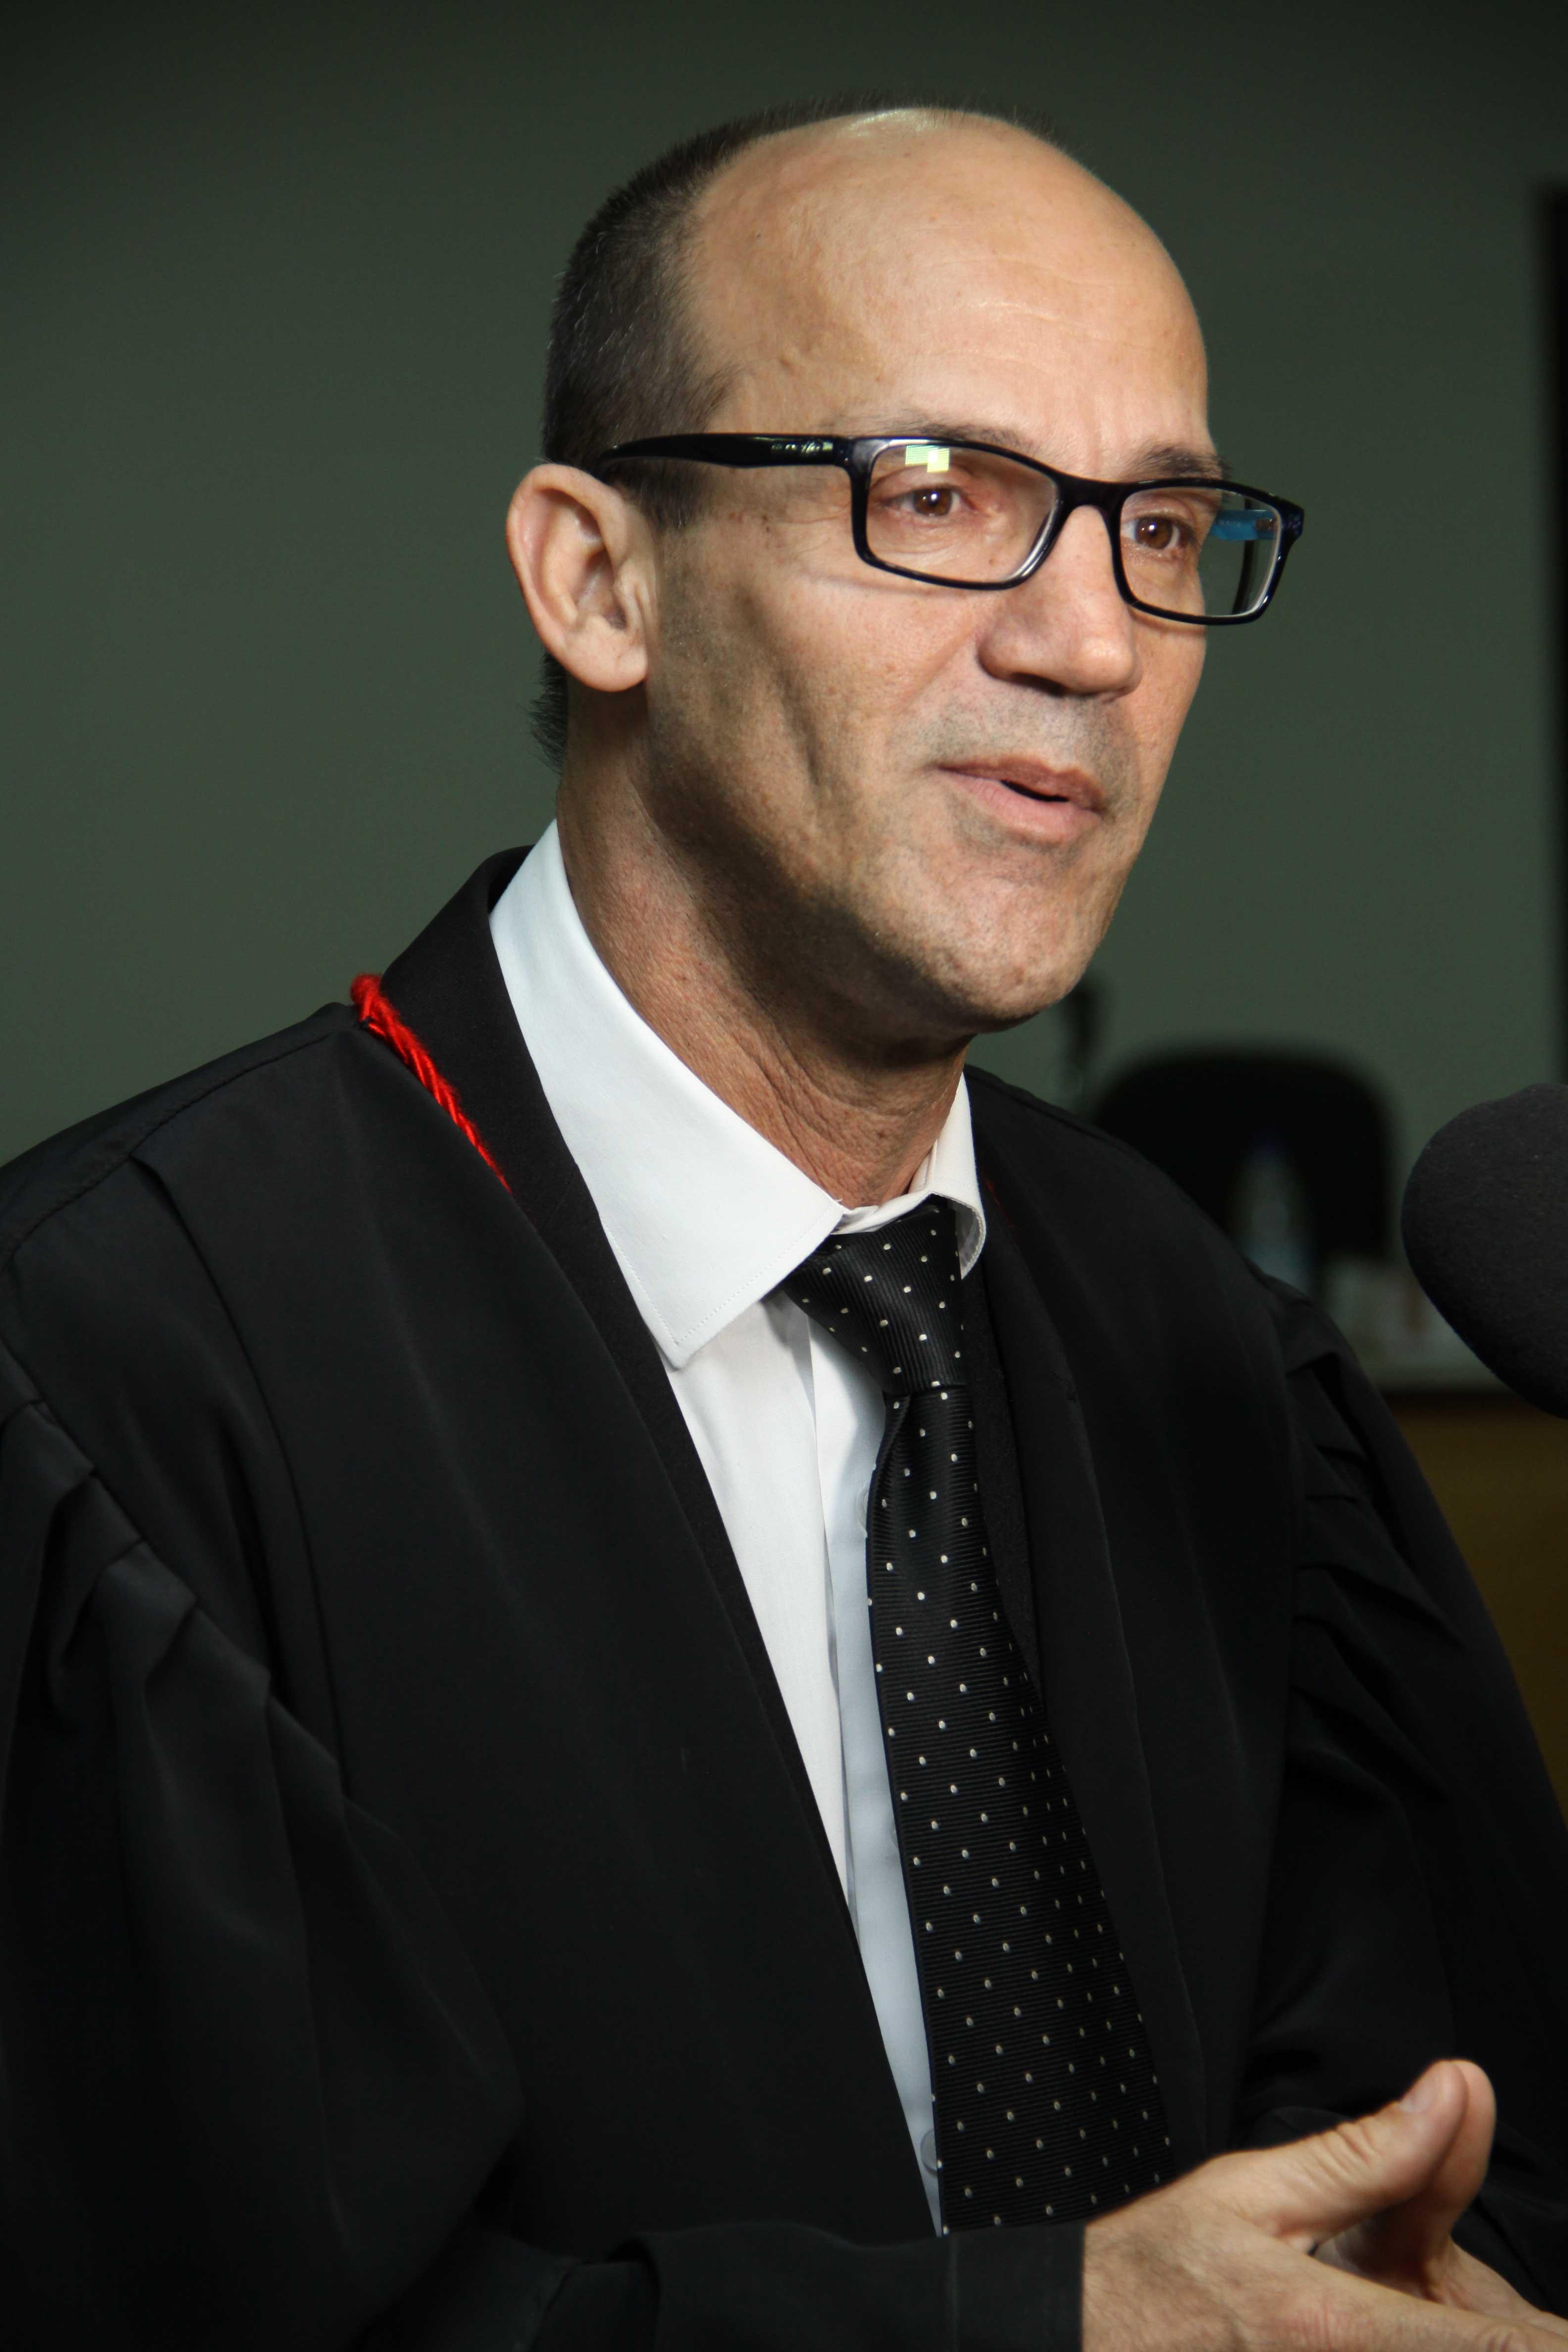 FEMINICÍDIO Homem é condenado a 17 anos de prisão por matar ex-namorada